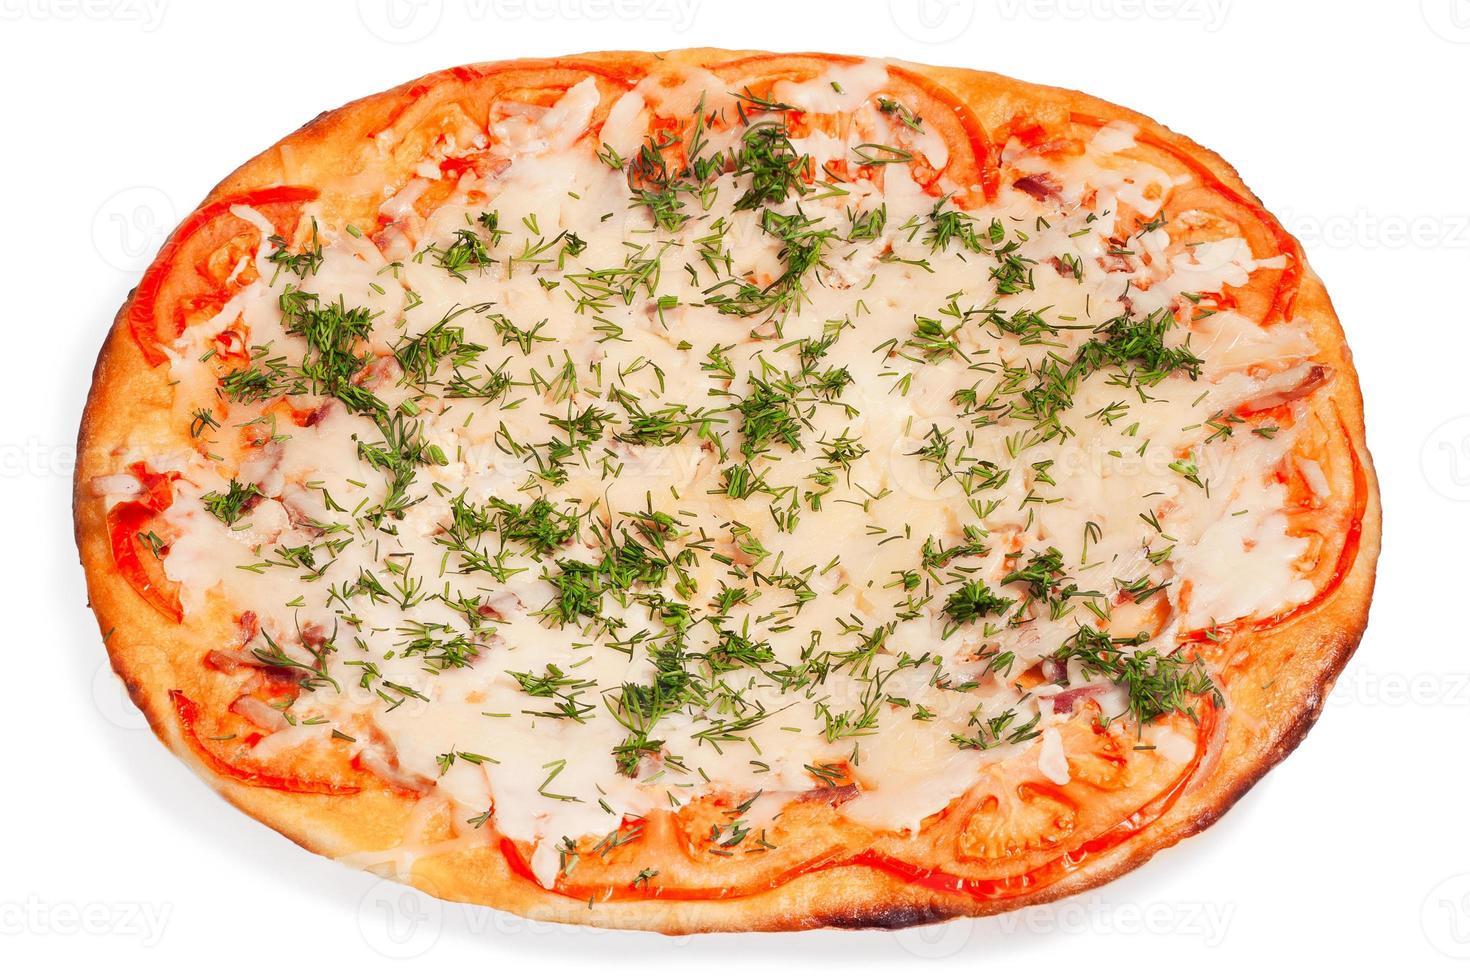 pizza ovale con formaggio foto